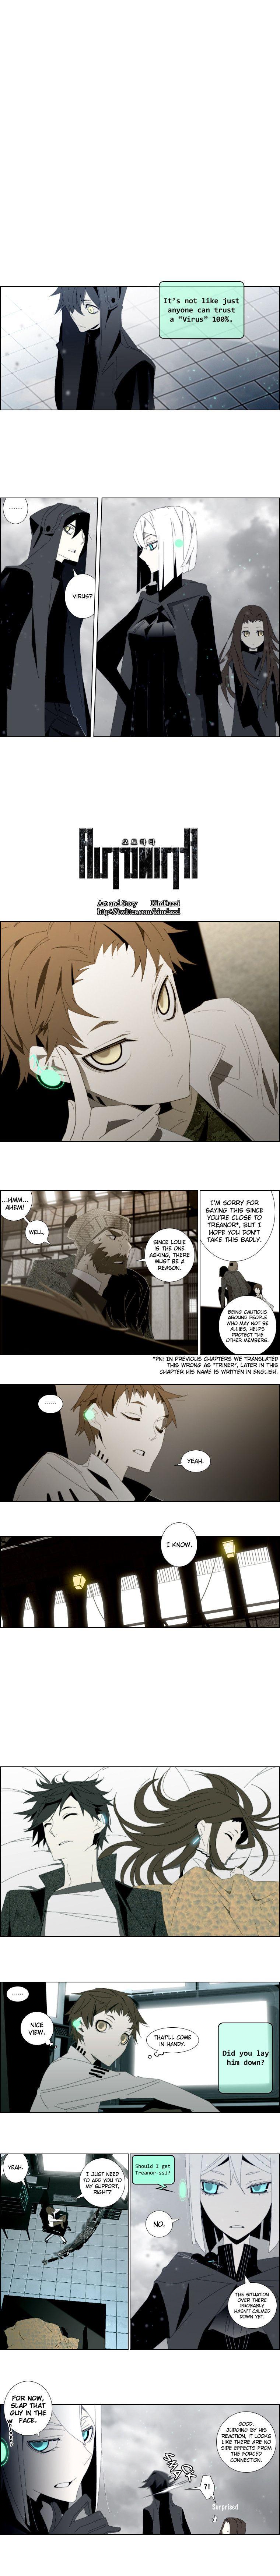 Automata 29 Page 2